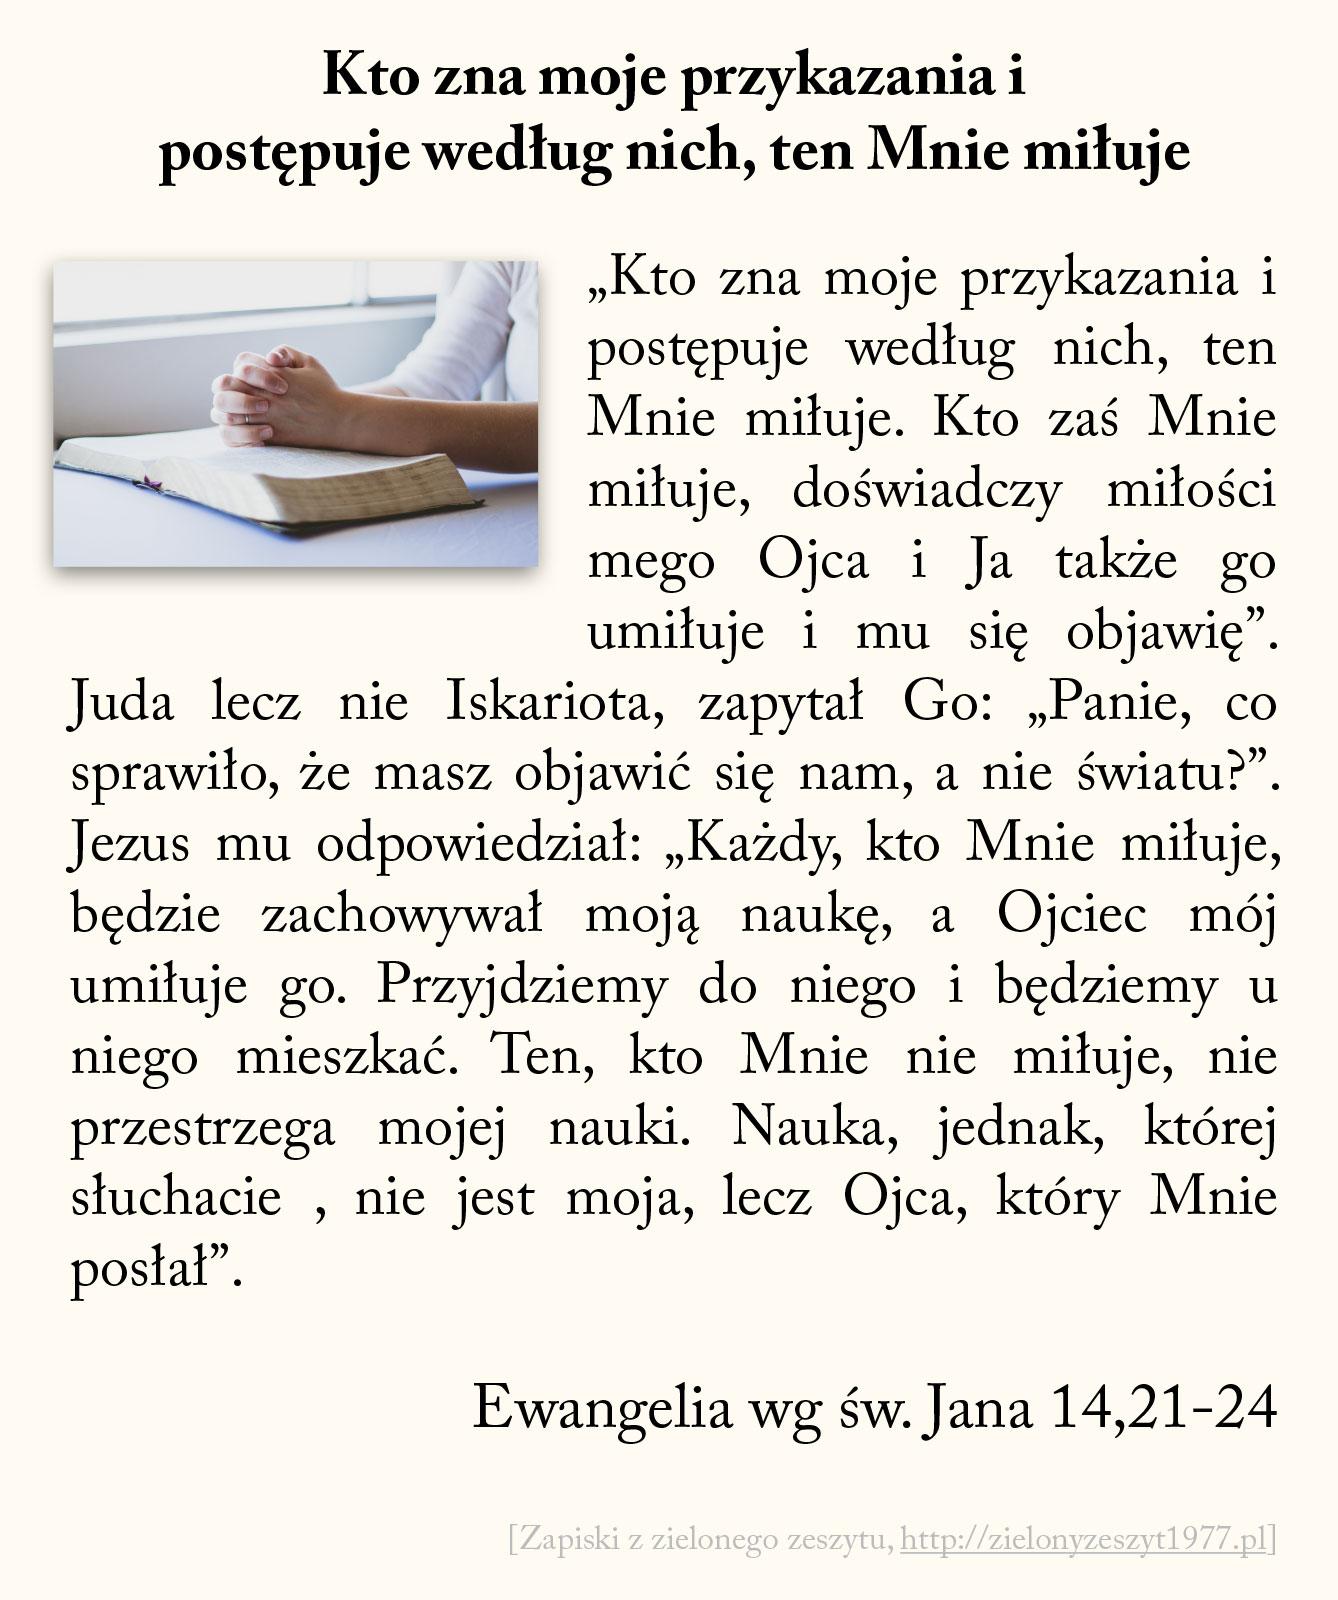 Kto zna moje przykazania i postępuje według nich, ten Mnie miłuje; Ewangelia wg św. Jana